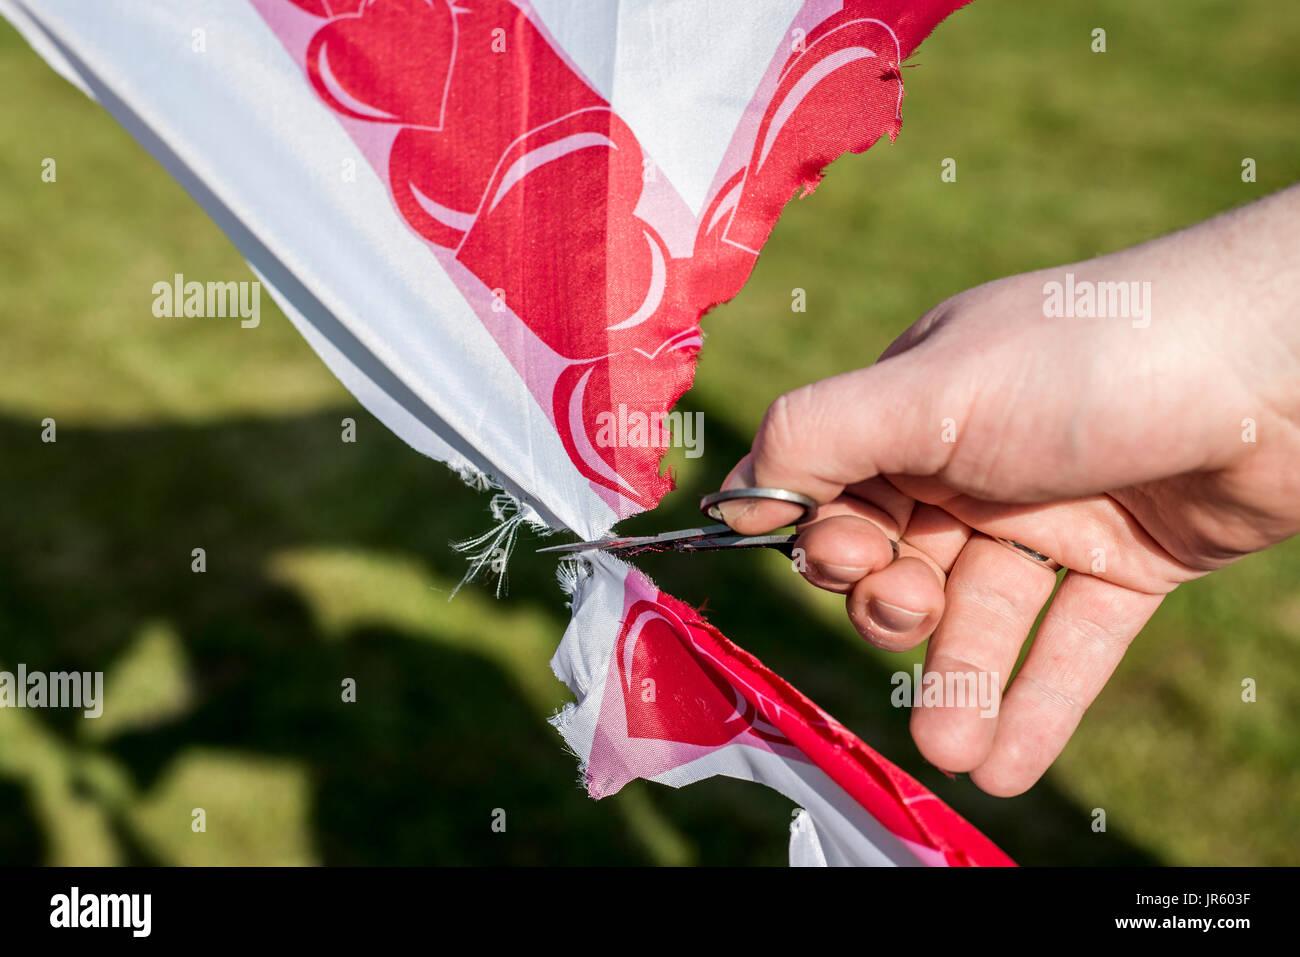 Ciseaux coupe homme doigt main sur tradition de mariage décoration coeur gros plan détail Photo Stock